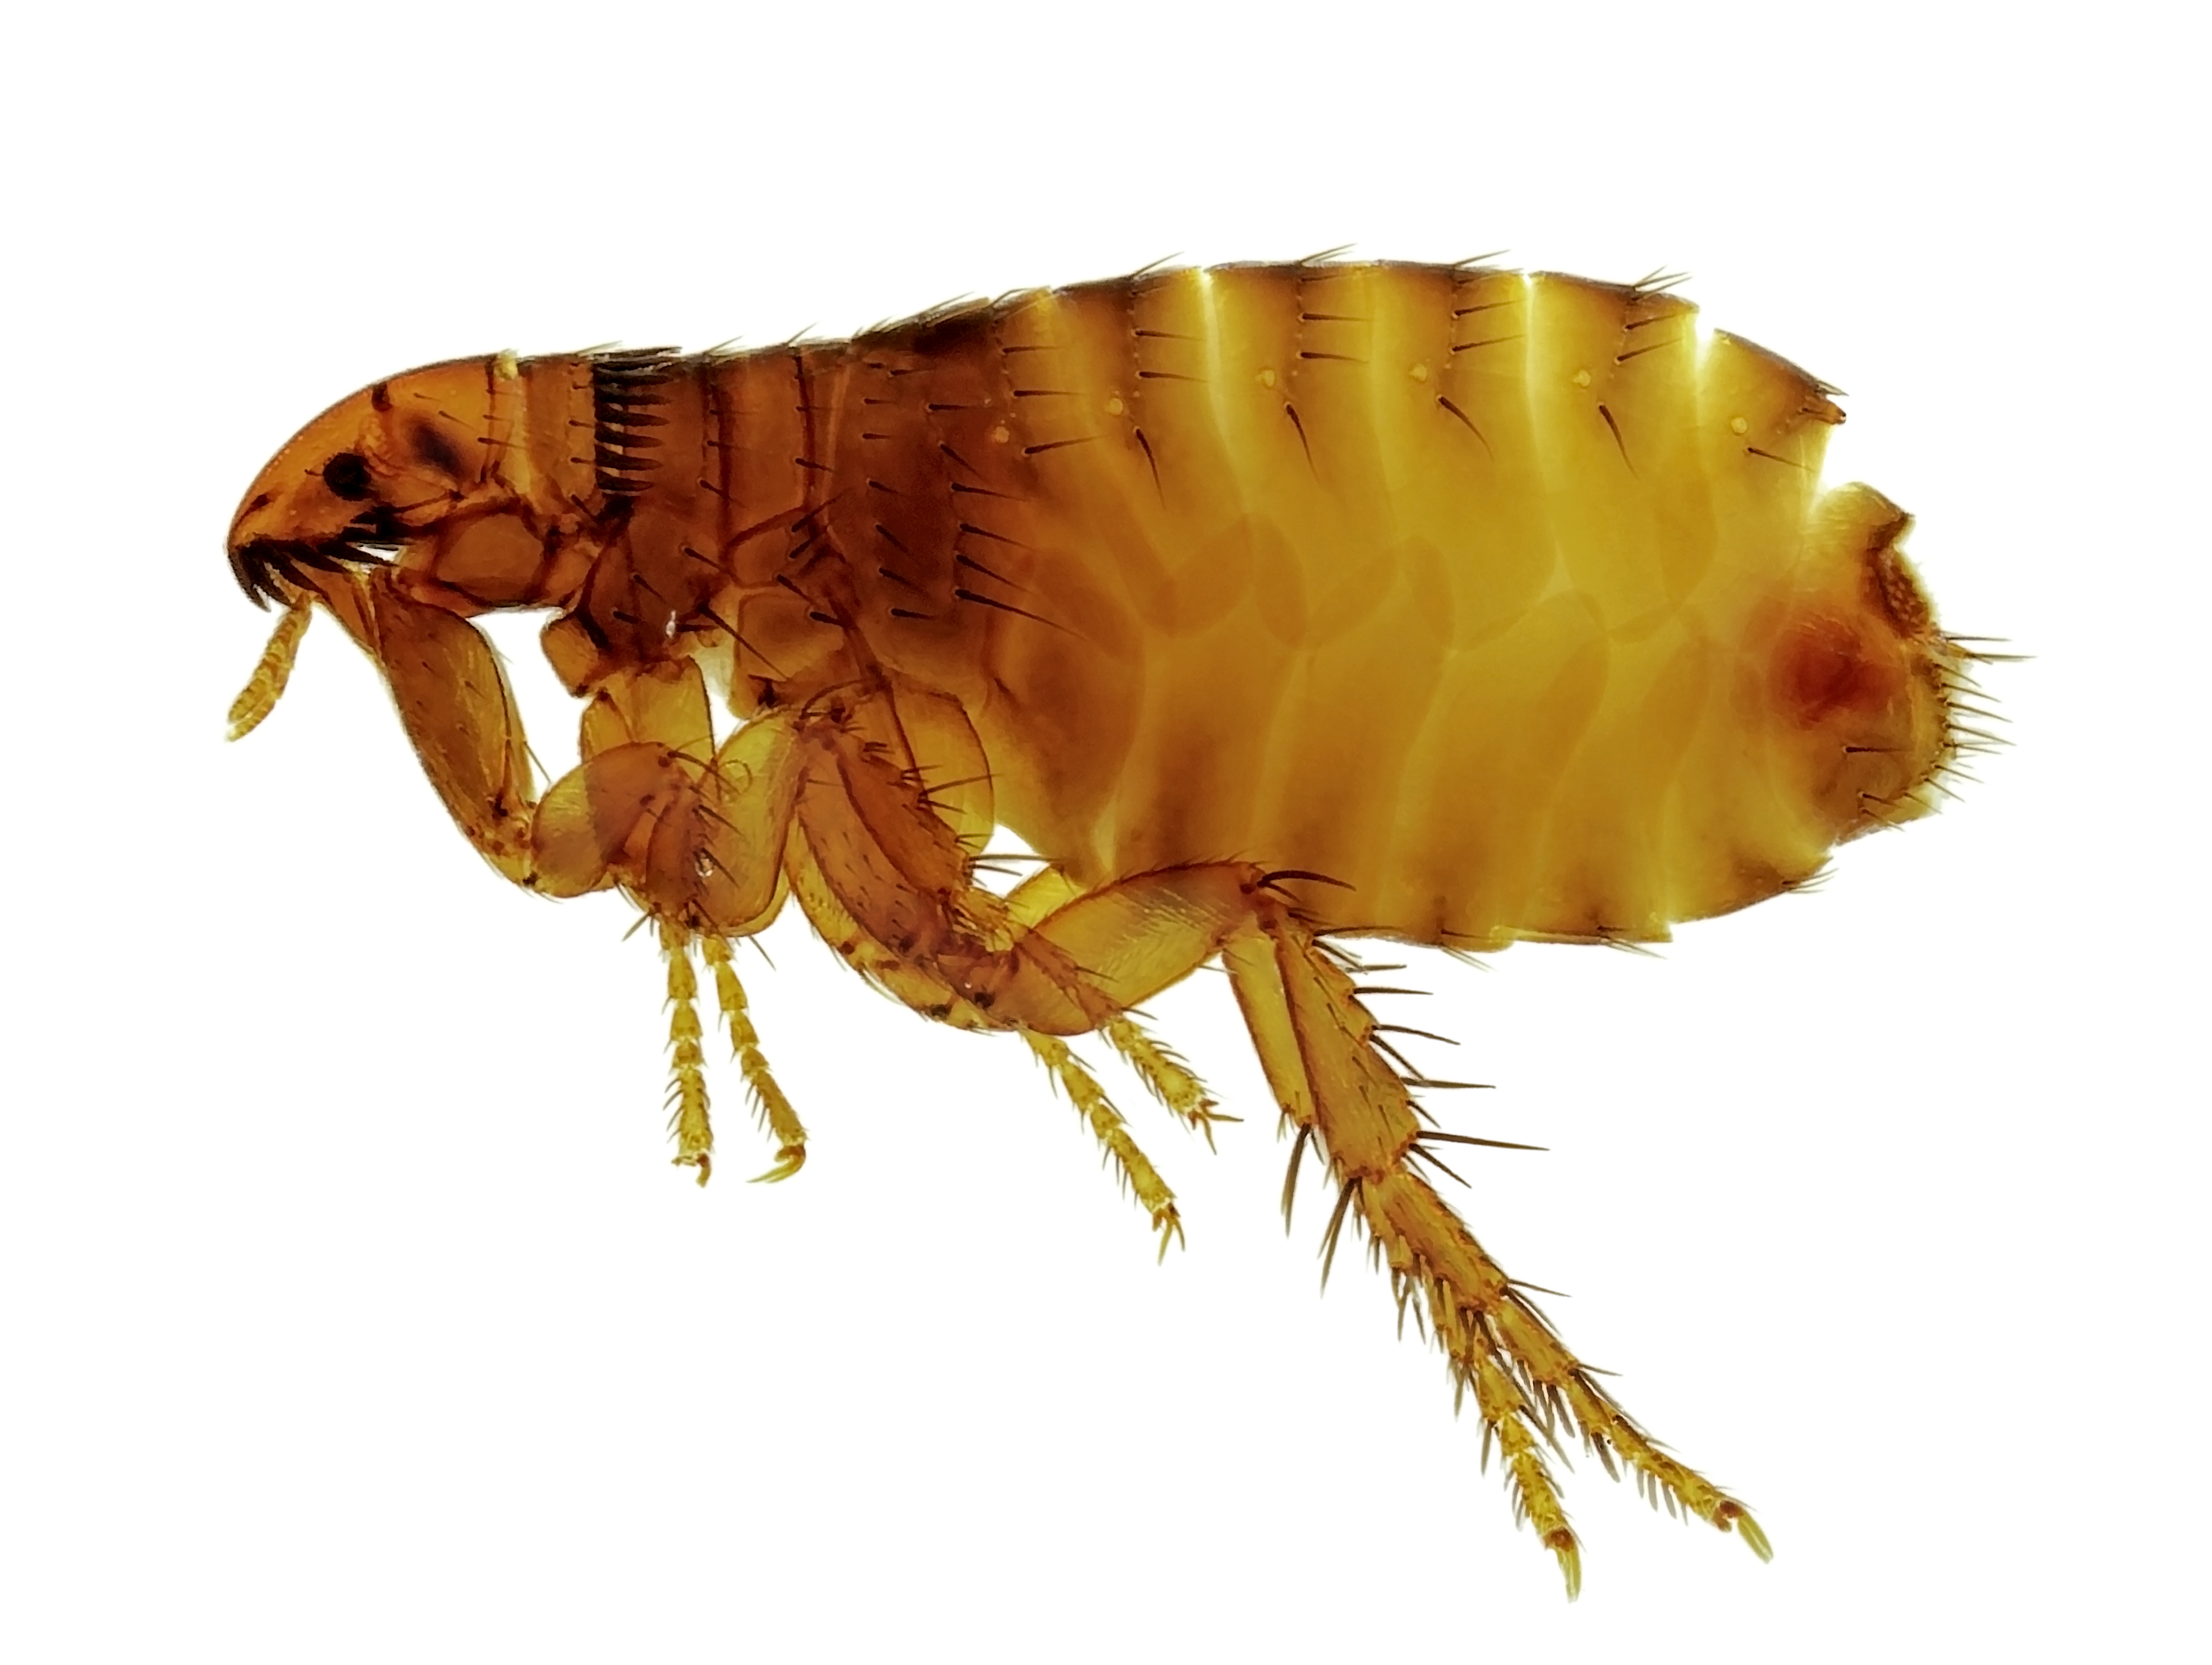 a single flea